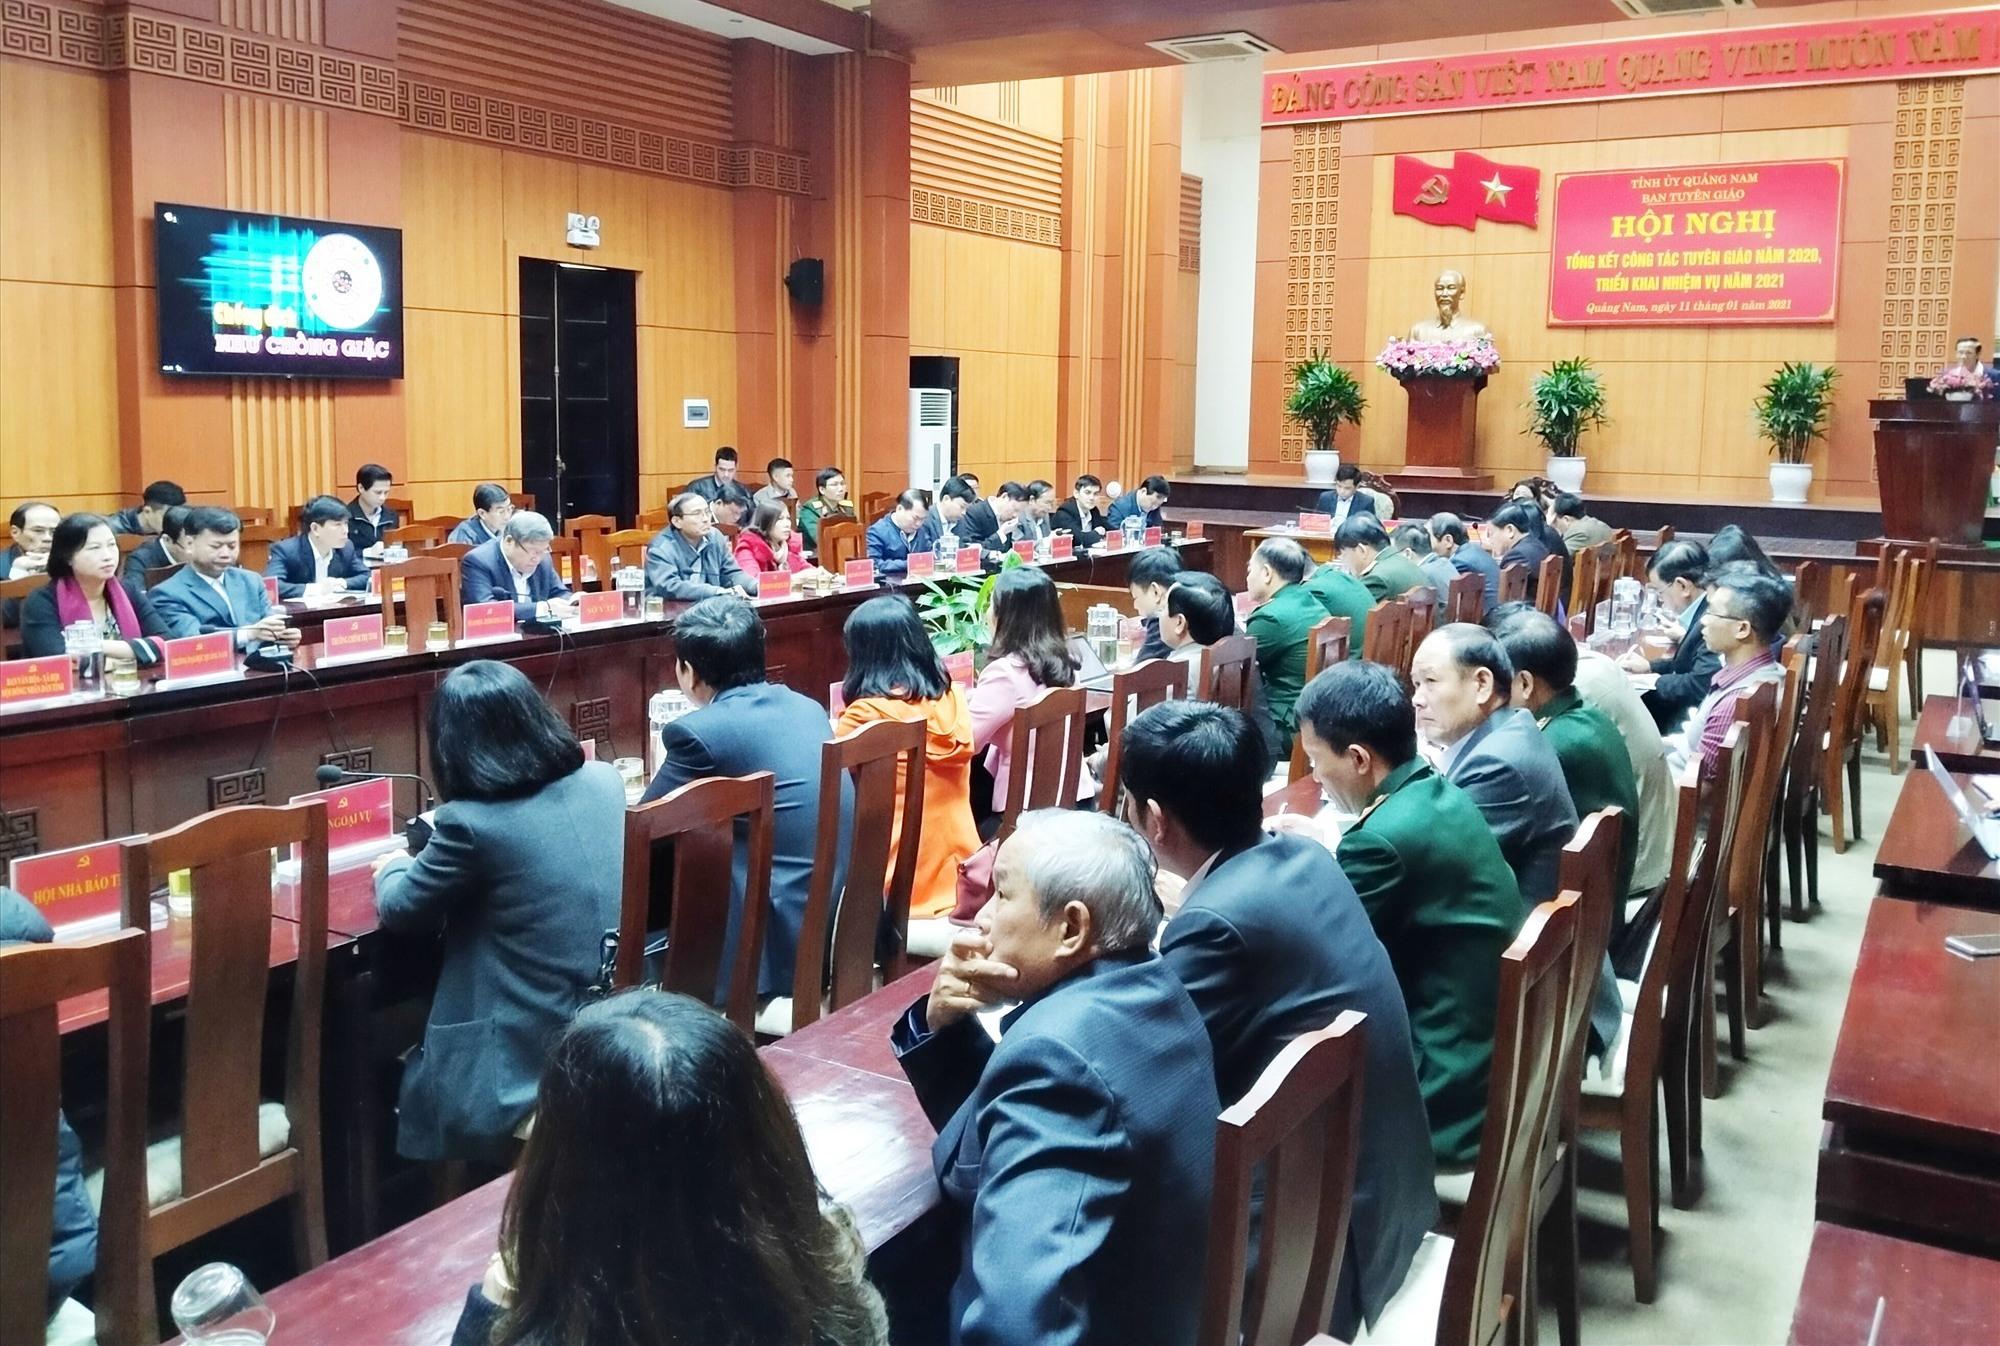 Quang cảnh hội nghị tại điểm cầu tỉnh sáng nay 11.1. N.Đ